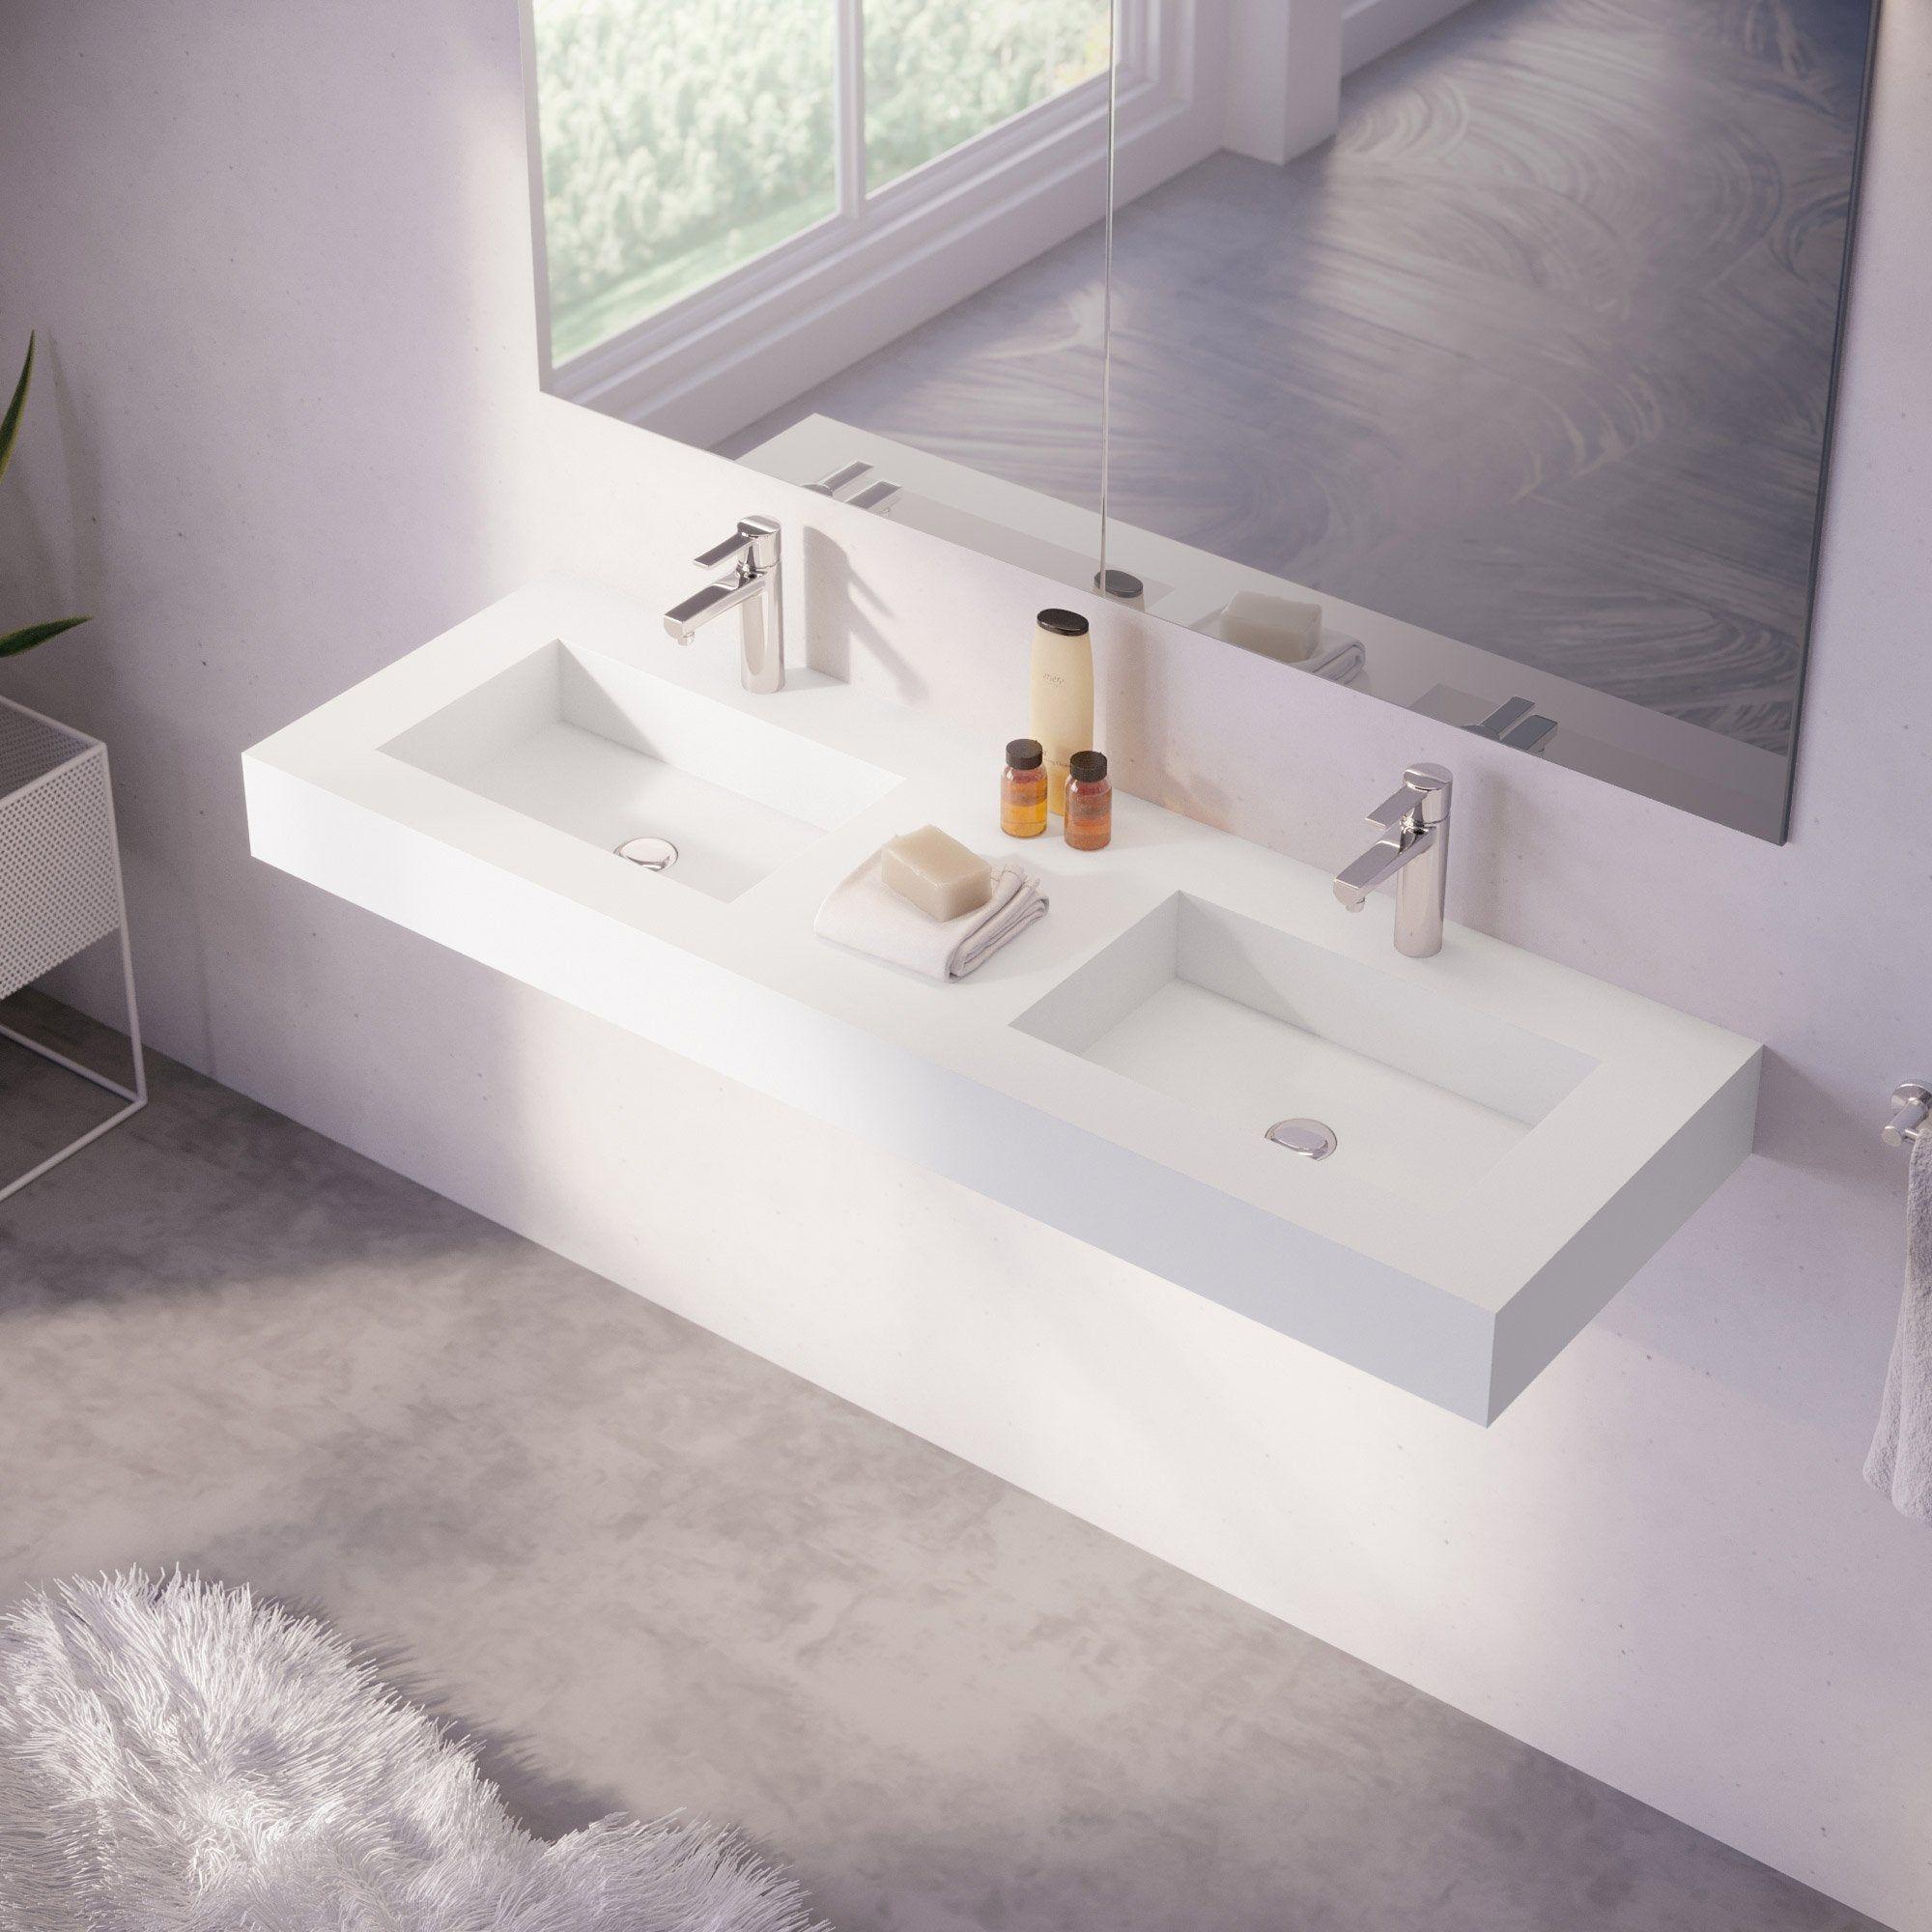 Plan Vasque En Pierre plan vasque double série microplus pierre blanc l.151 basins